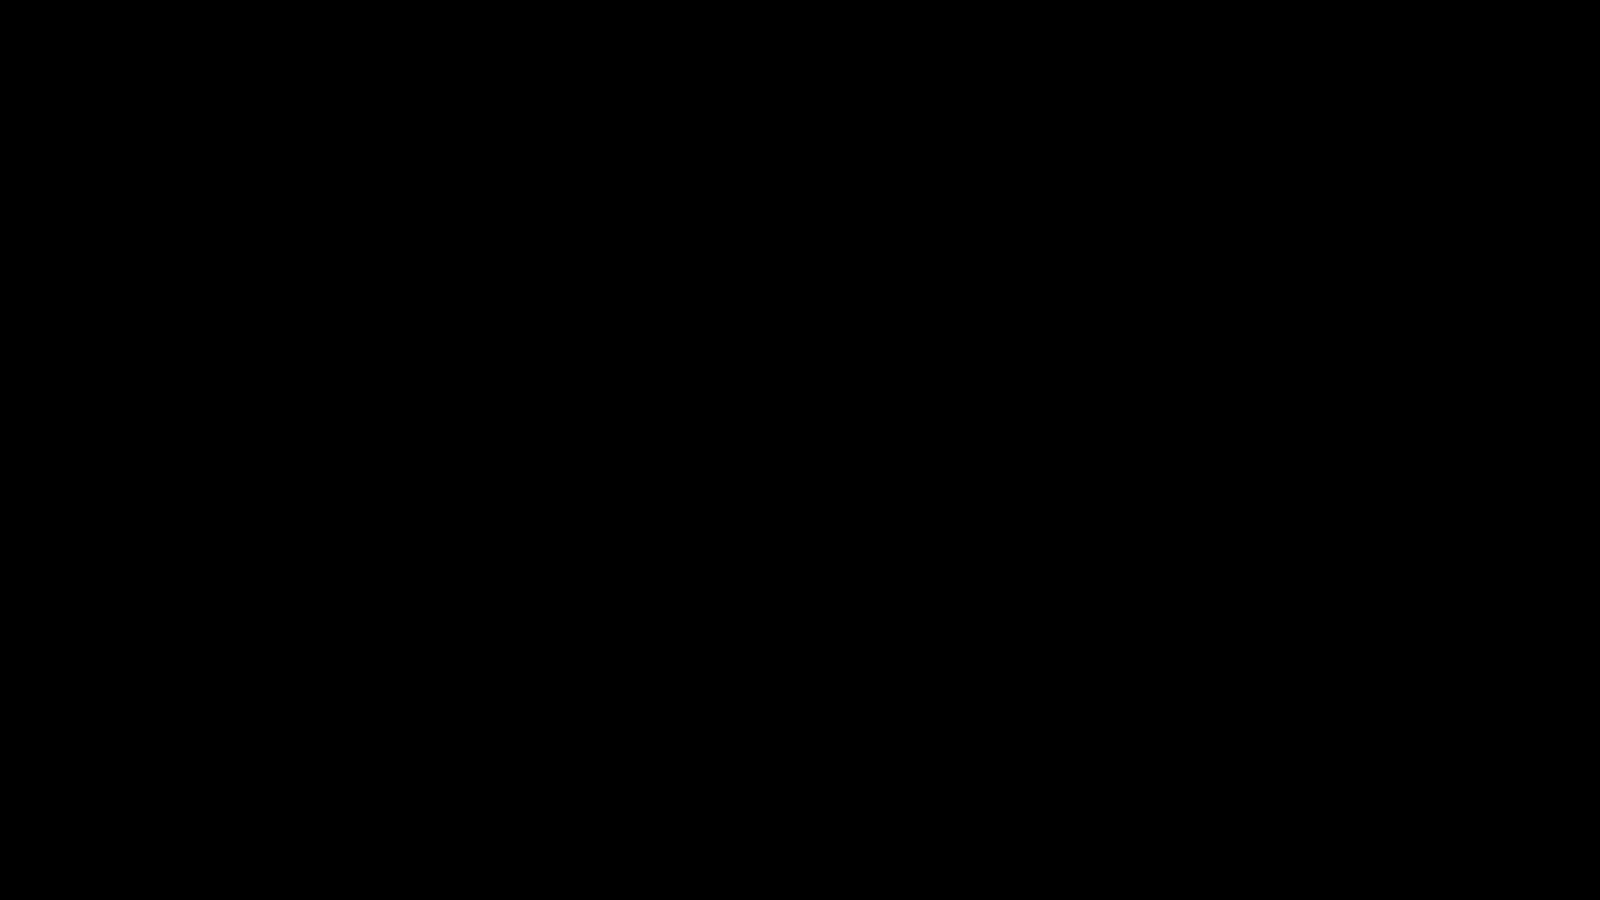 Silhueta invertida - Cavalo com opacidade a 100 png